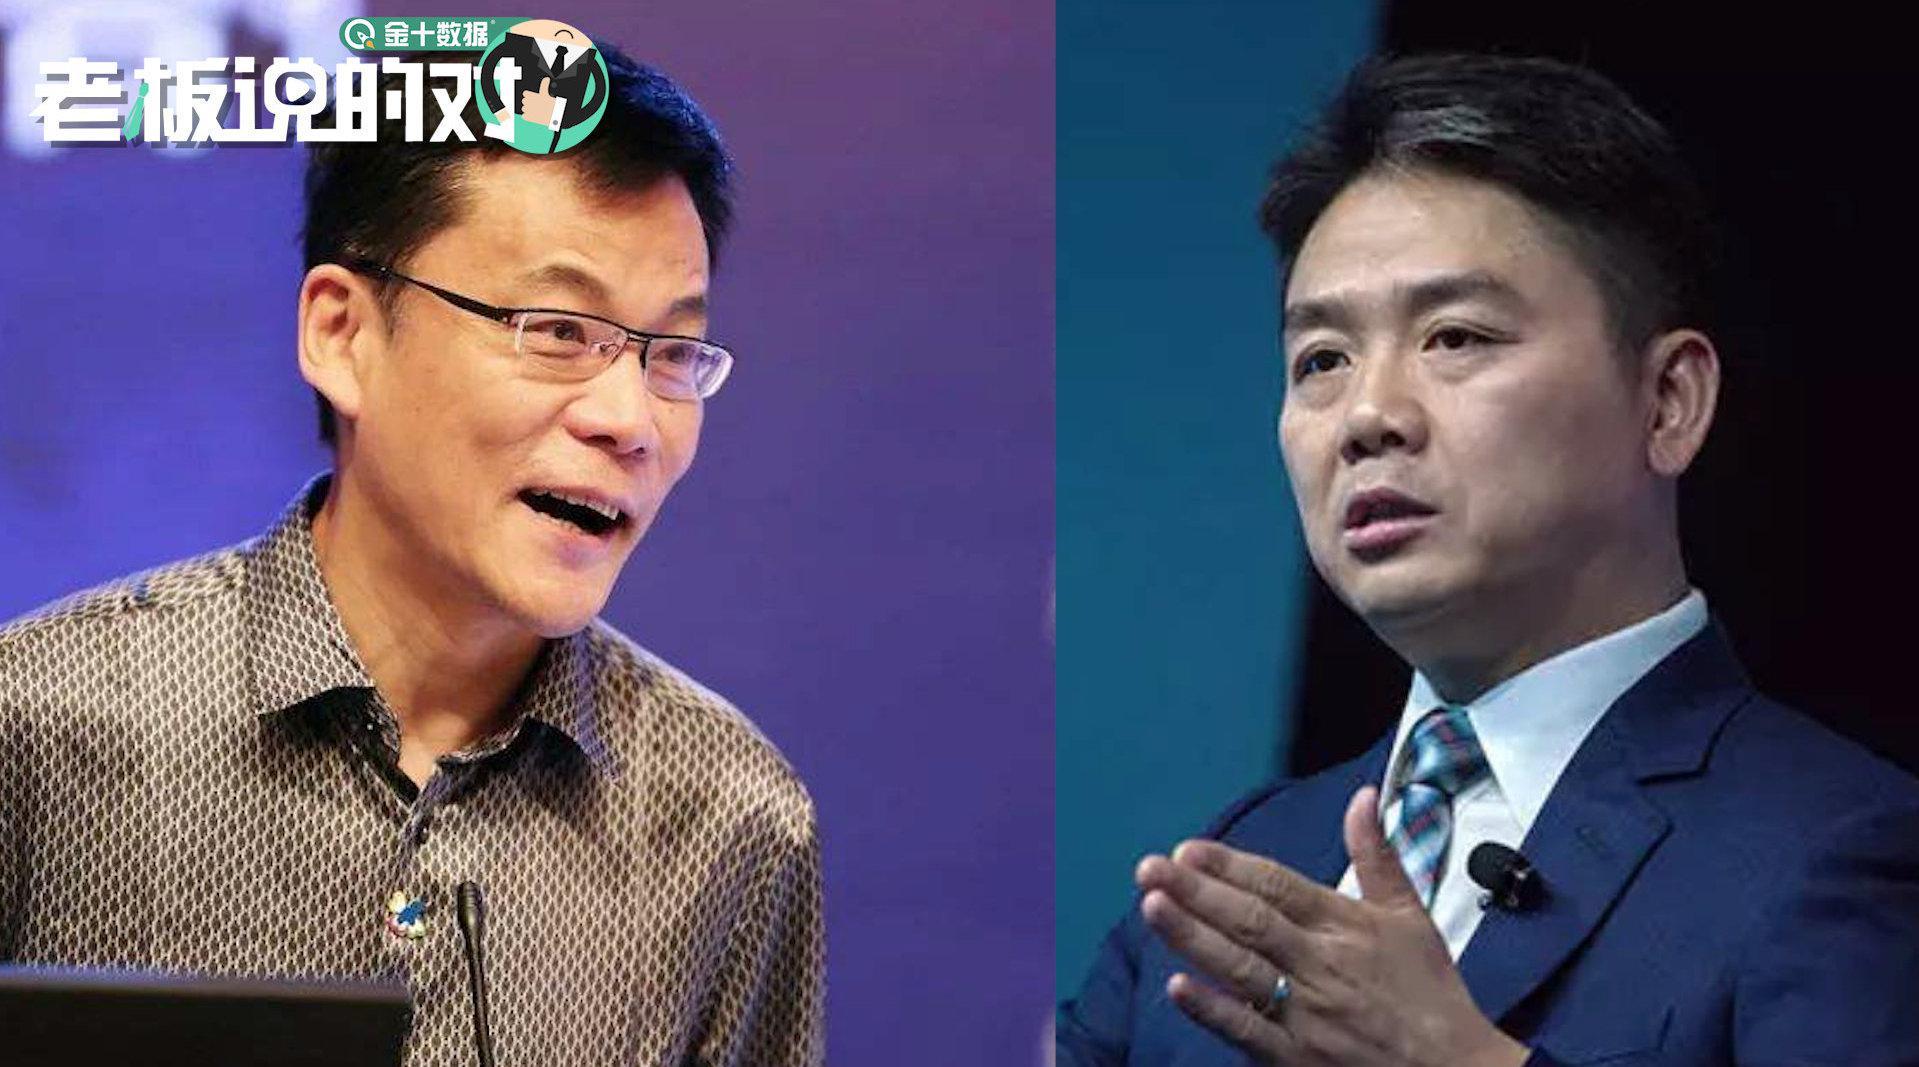 李国庆:刘强东开私人飞机去跟员工喝酒